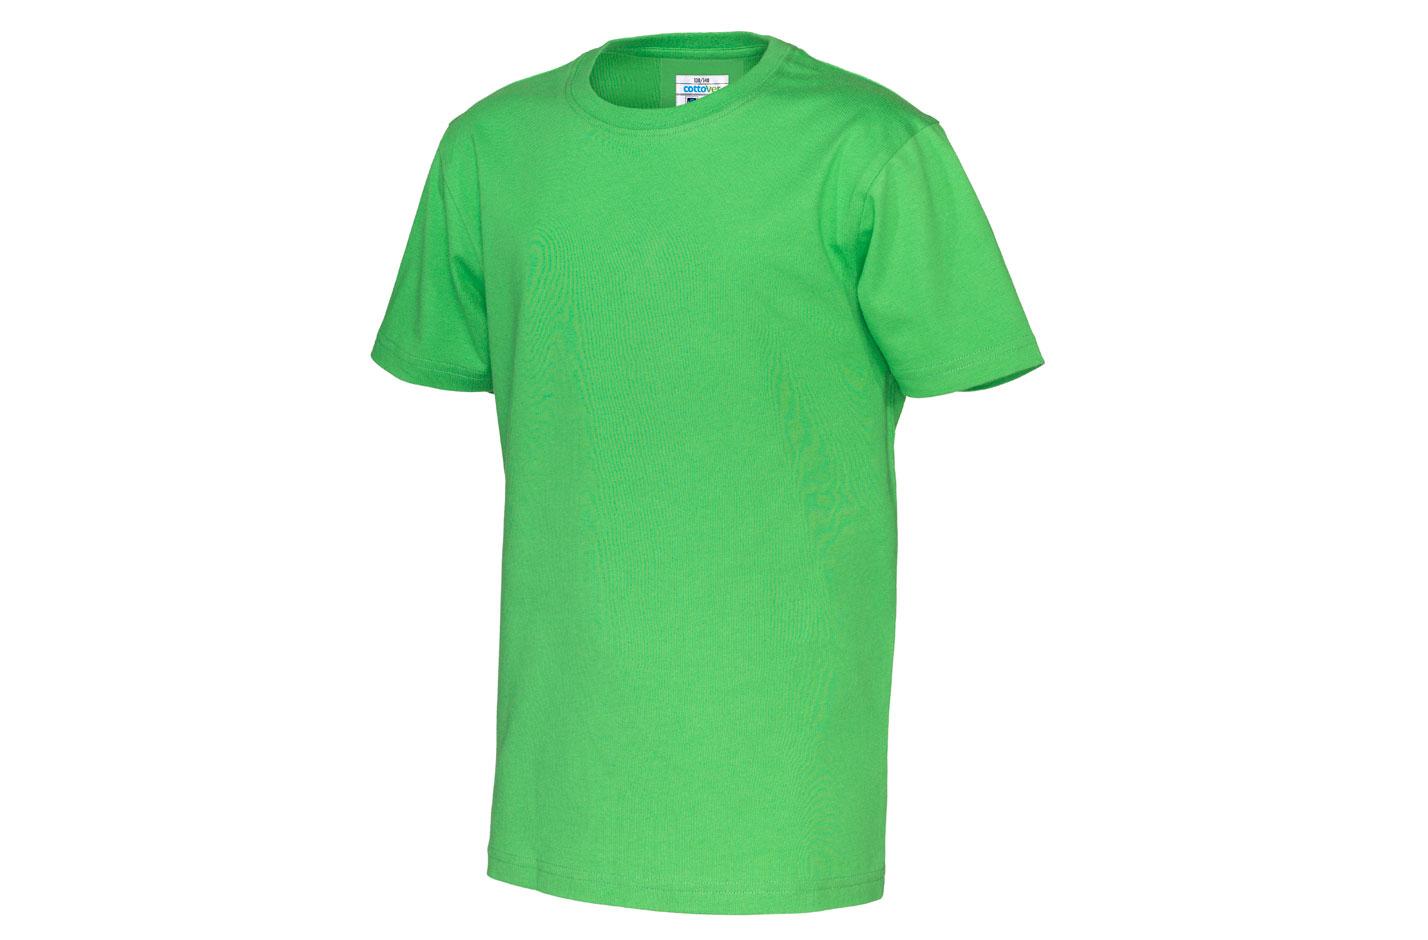 a1f356c2 CottoVer Økologisk T-shirt, Barn - Børnetøj - CottoVer v/GEPARD ApS